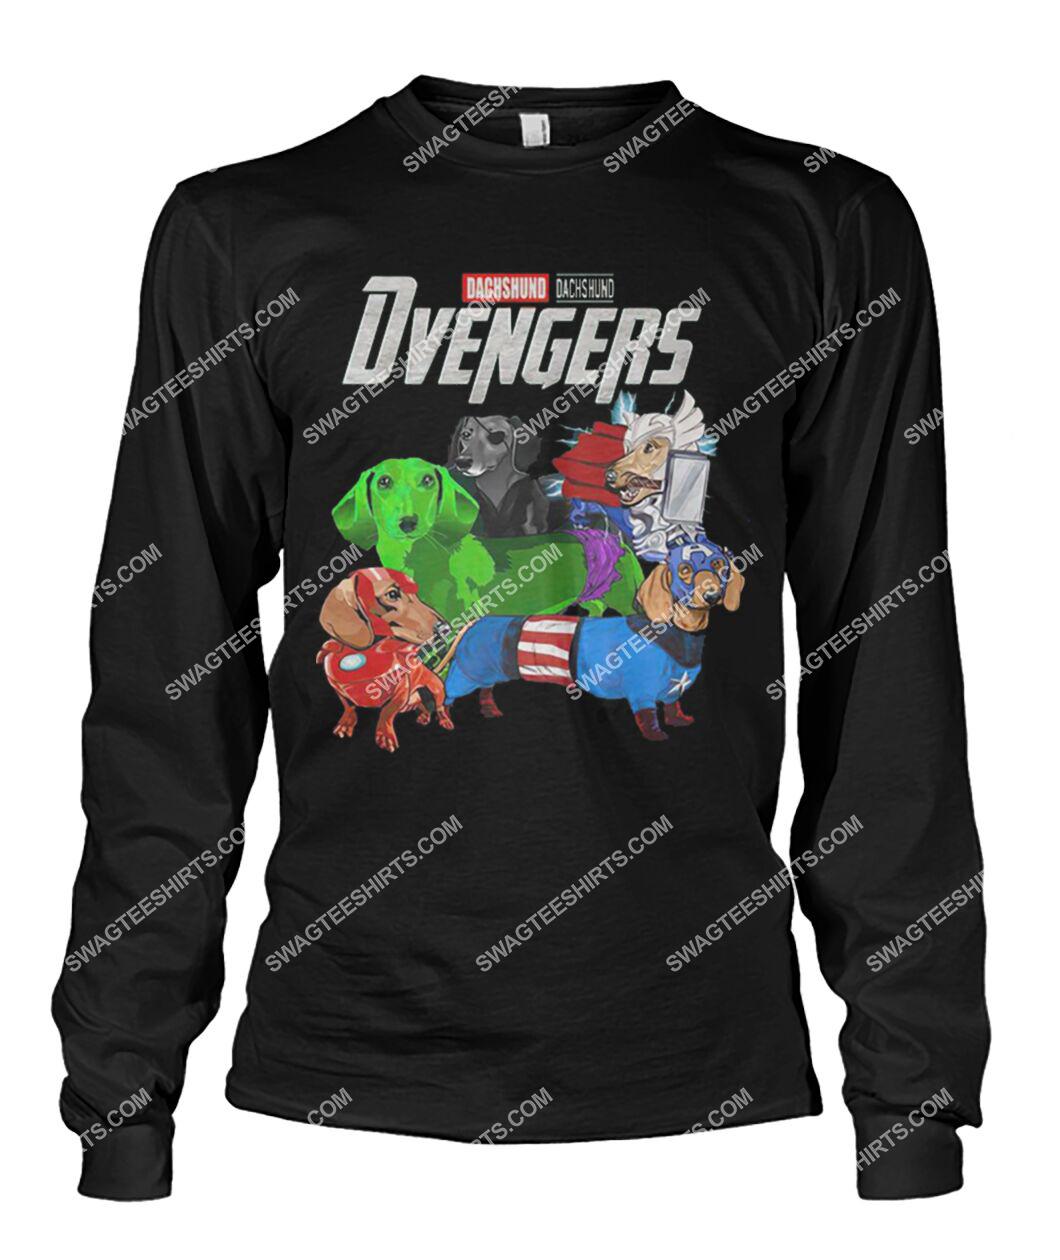 dachshund dvengers marvel avengers dogs lover sweatshirt 1